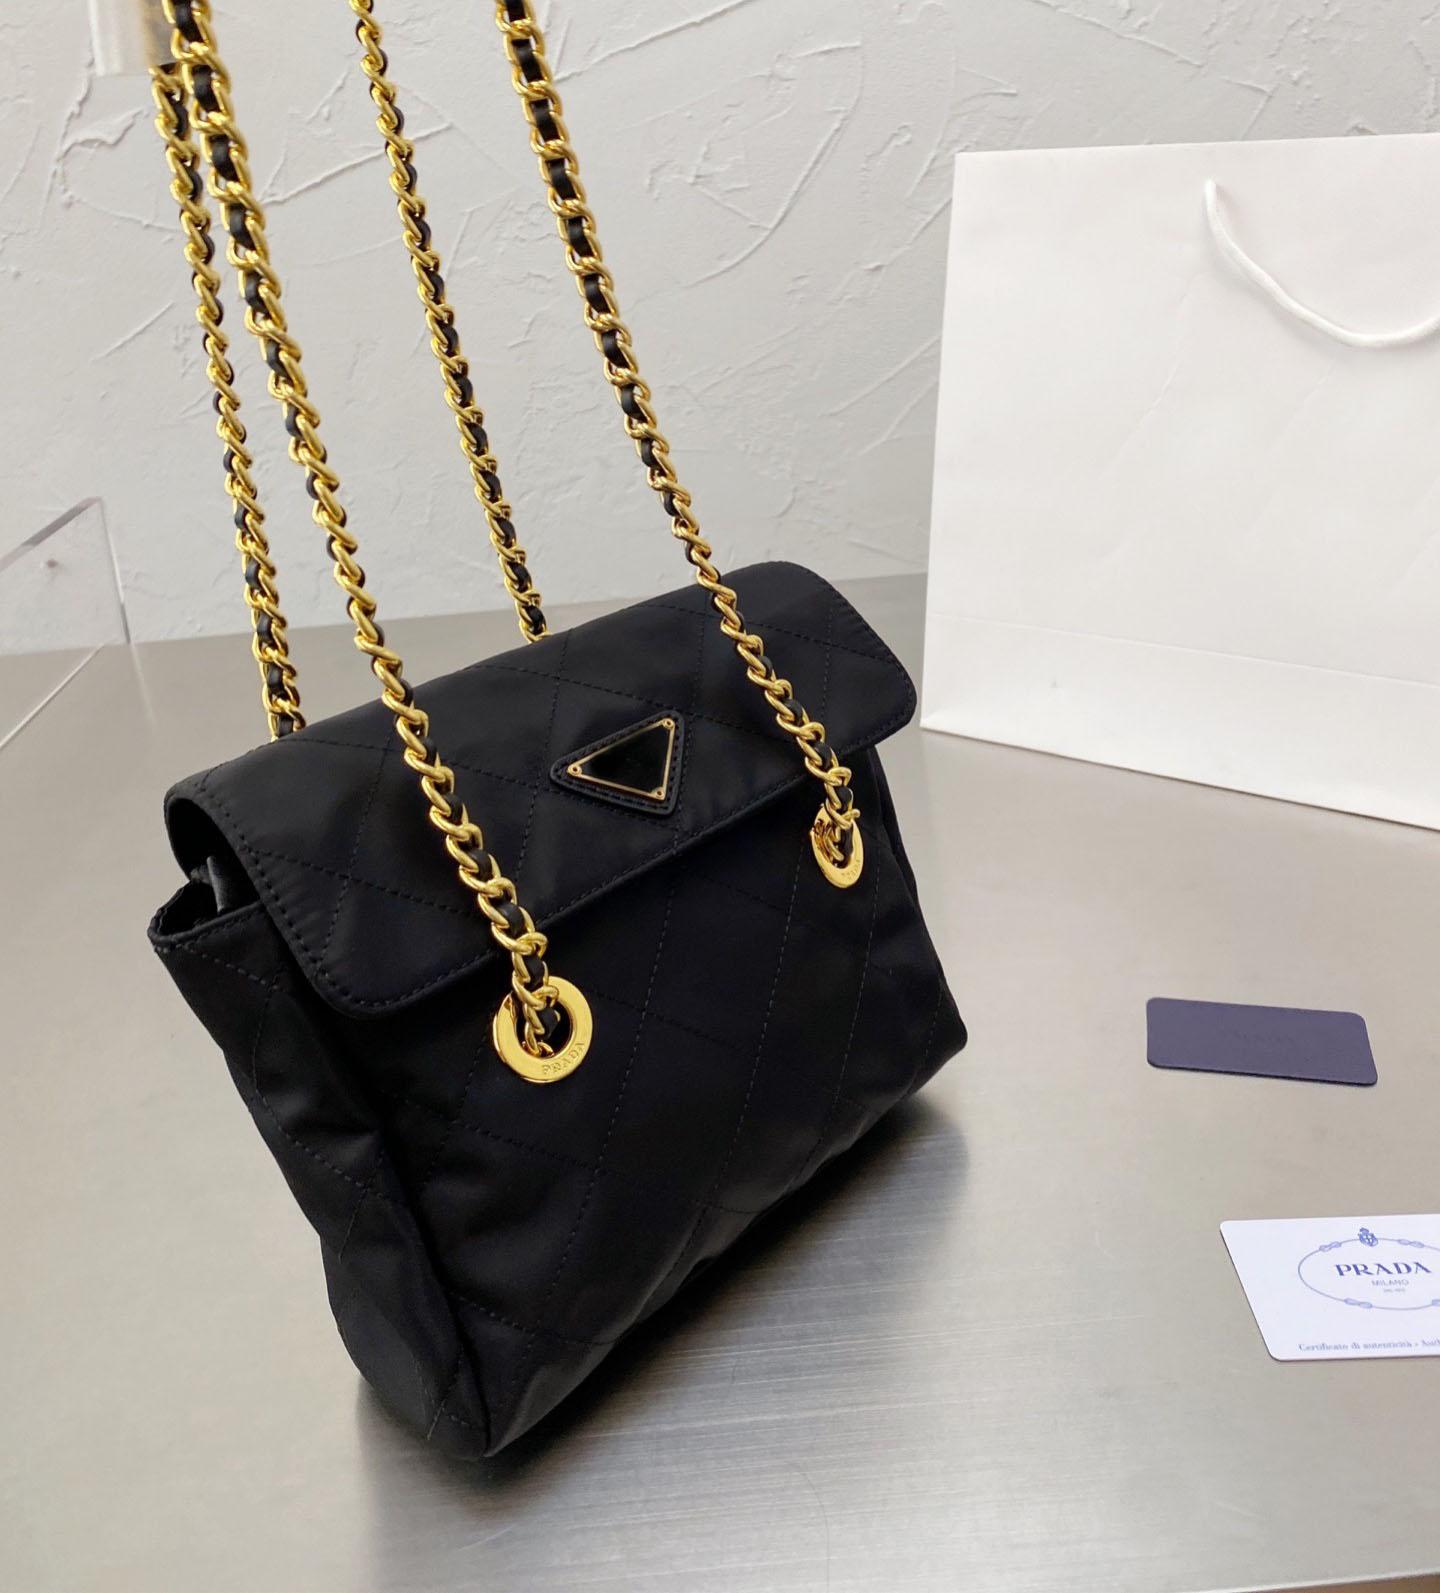 النايلون سلسلة المظلة حقيبة سوداء حقيبة الضالة خفيفة الوزن ومريحة أسود أخضر أصفر